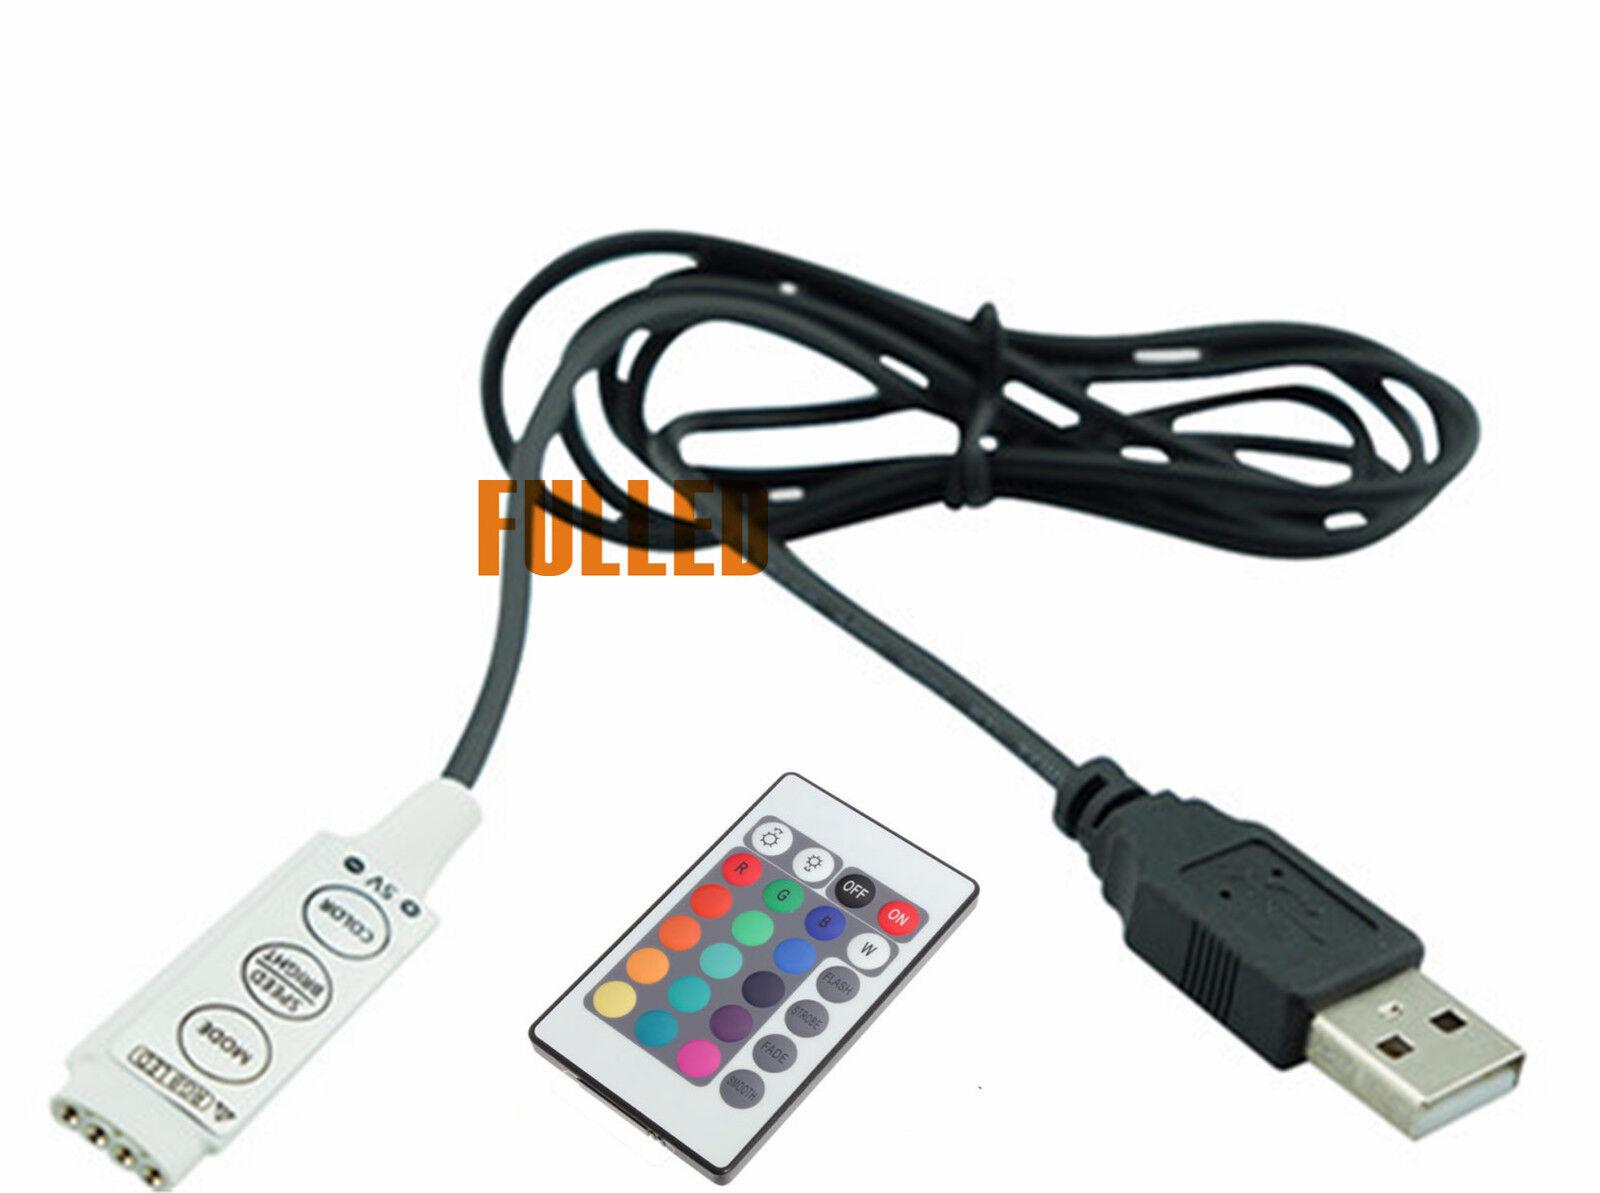 batterie box usb kabel mit mini controller dc plug f r led. Black Bedroom Furniture Sets. Home Design Ideas